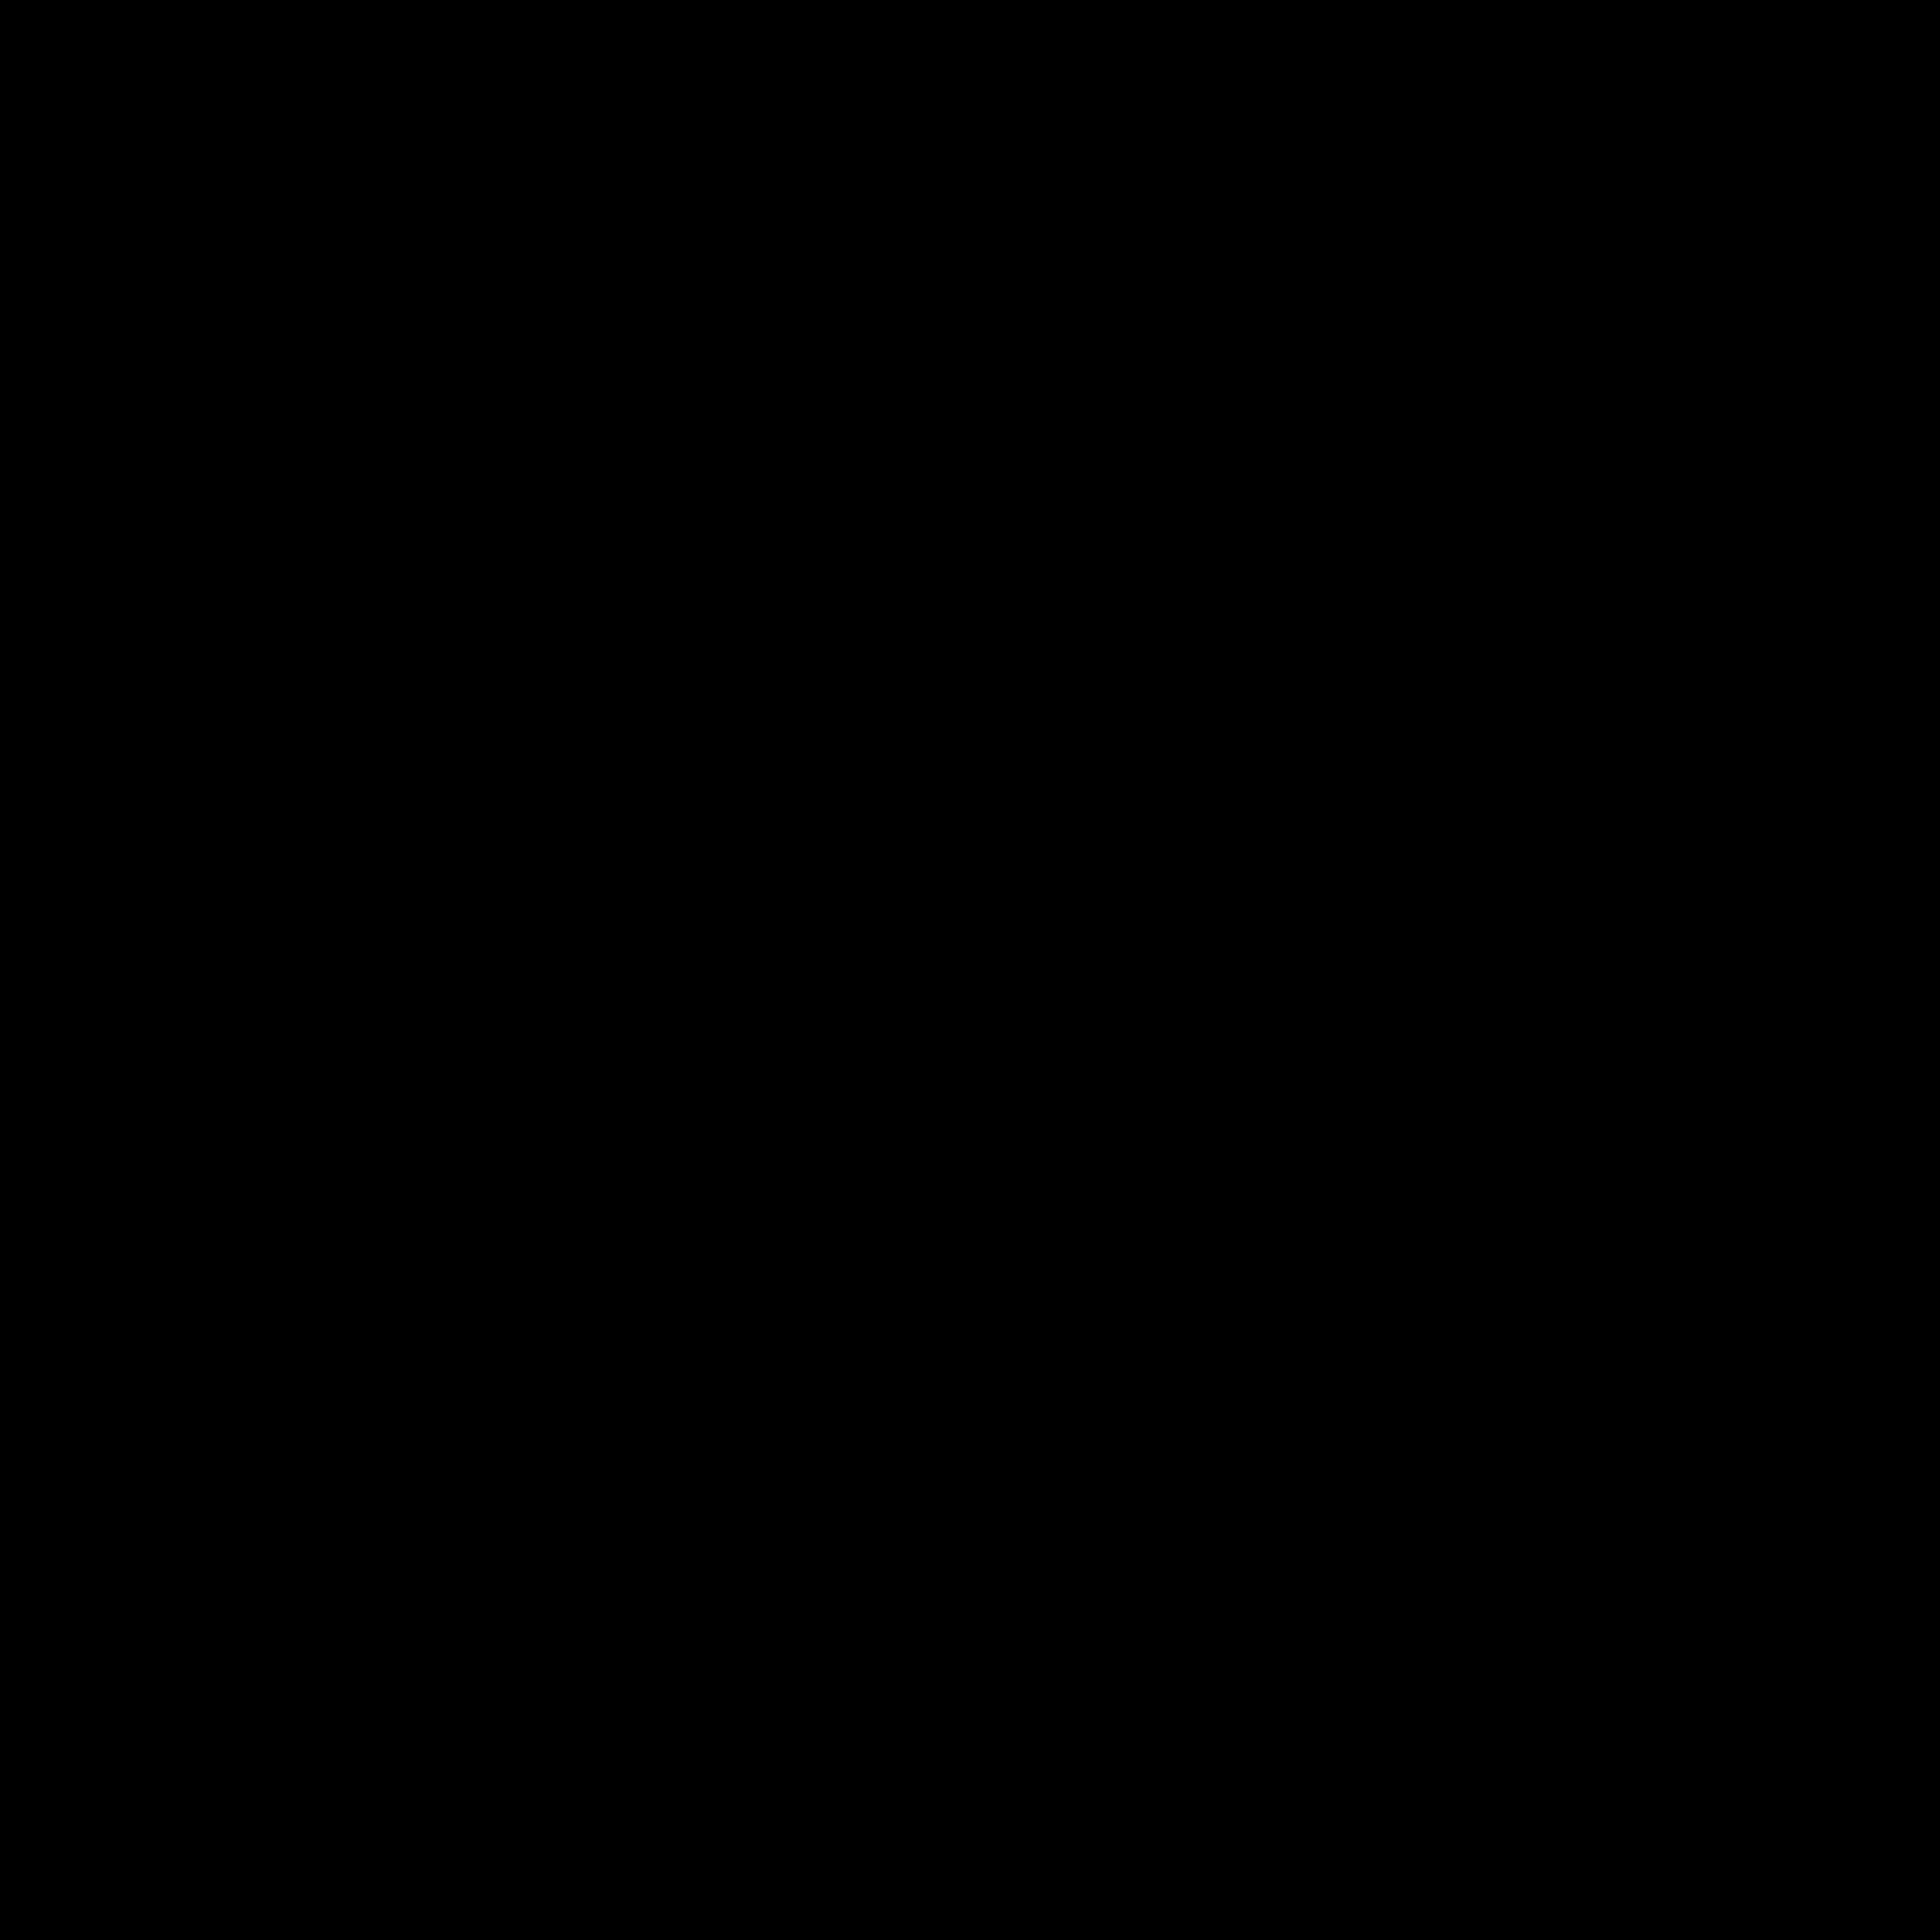 bloomingdales-logo-png-transparent.png